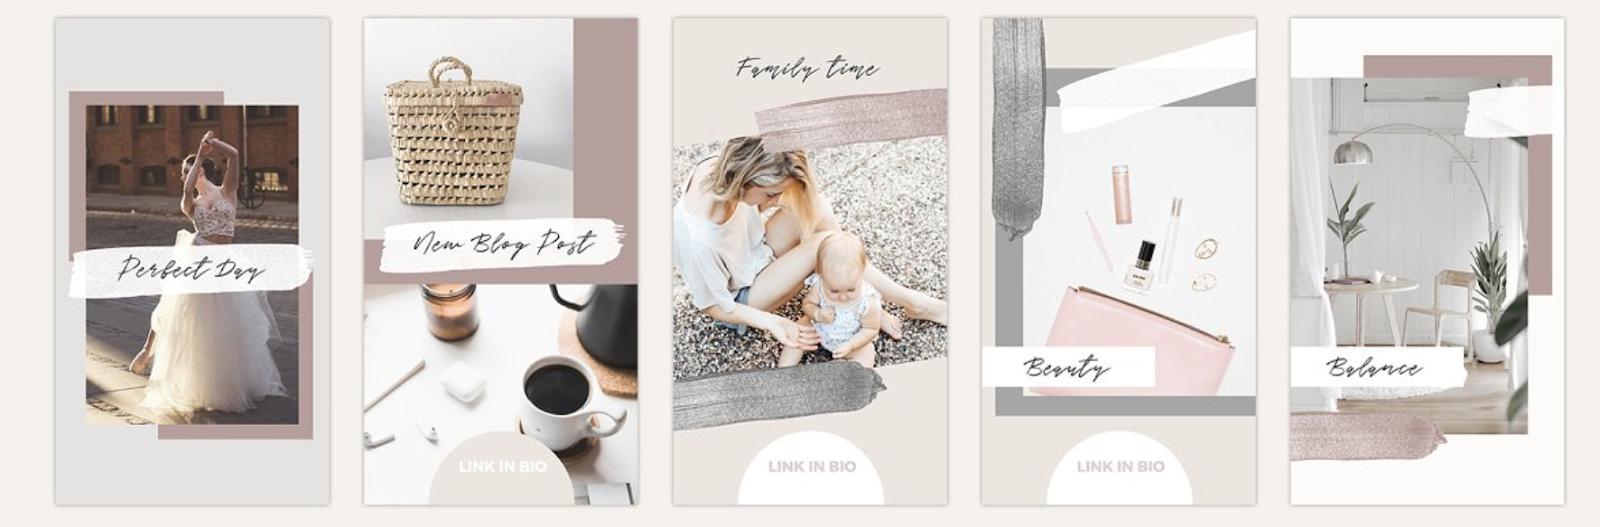 plantillas para instagram maternidad elegantes bonitas diseño en canva y photoshop